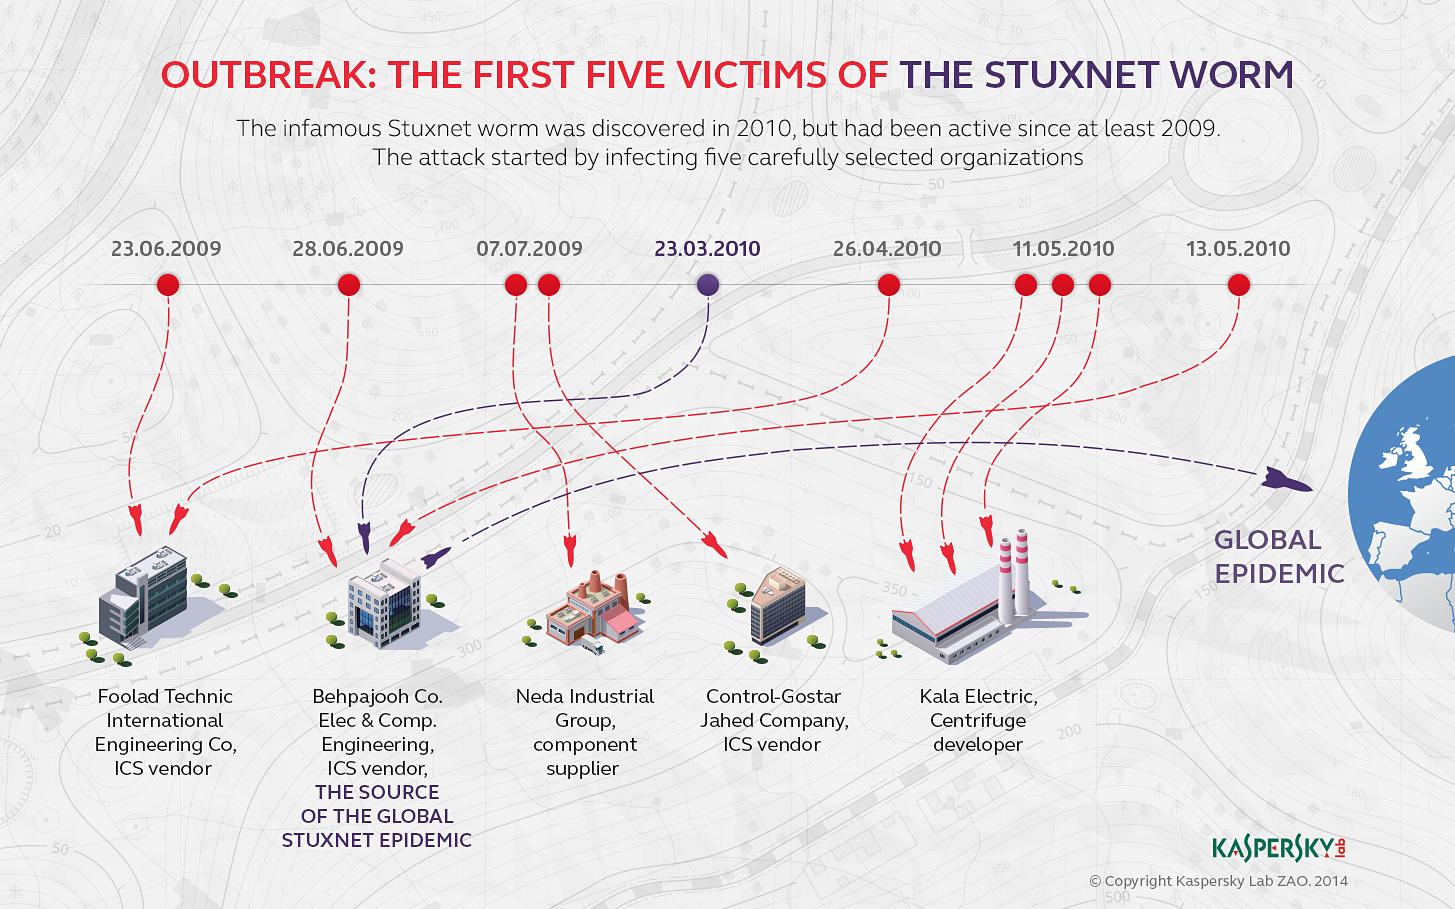 Обратный отсчет: книга о Stuxnet, исследователях вредоносного кода и уязвимой критической инфраструктуре - 5